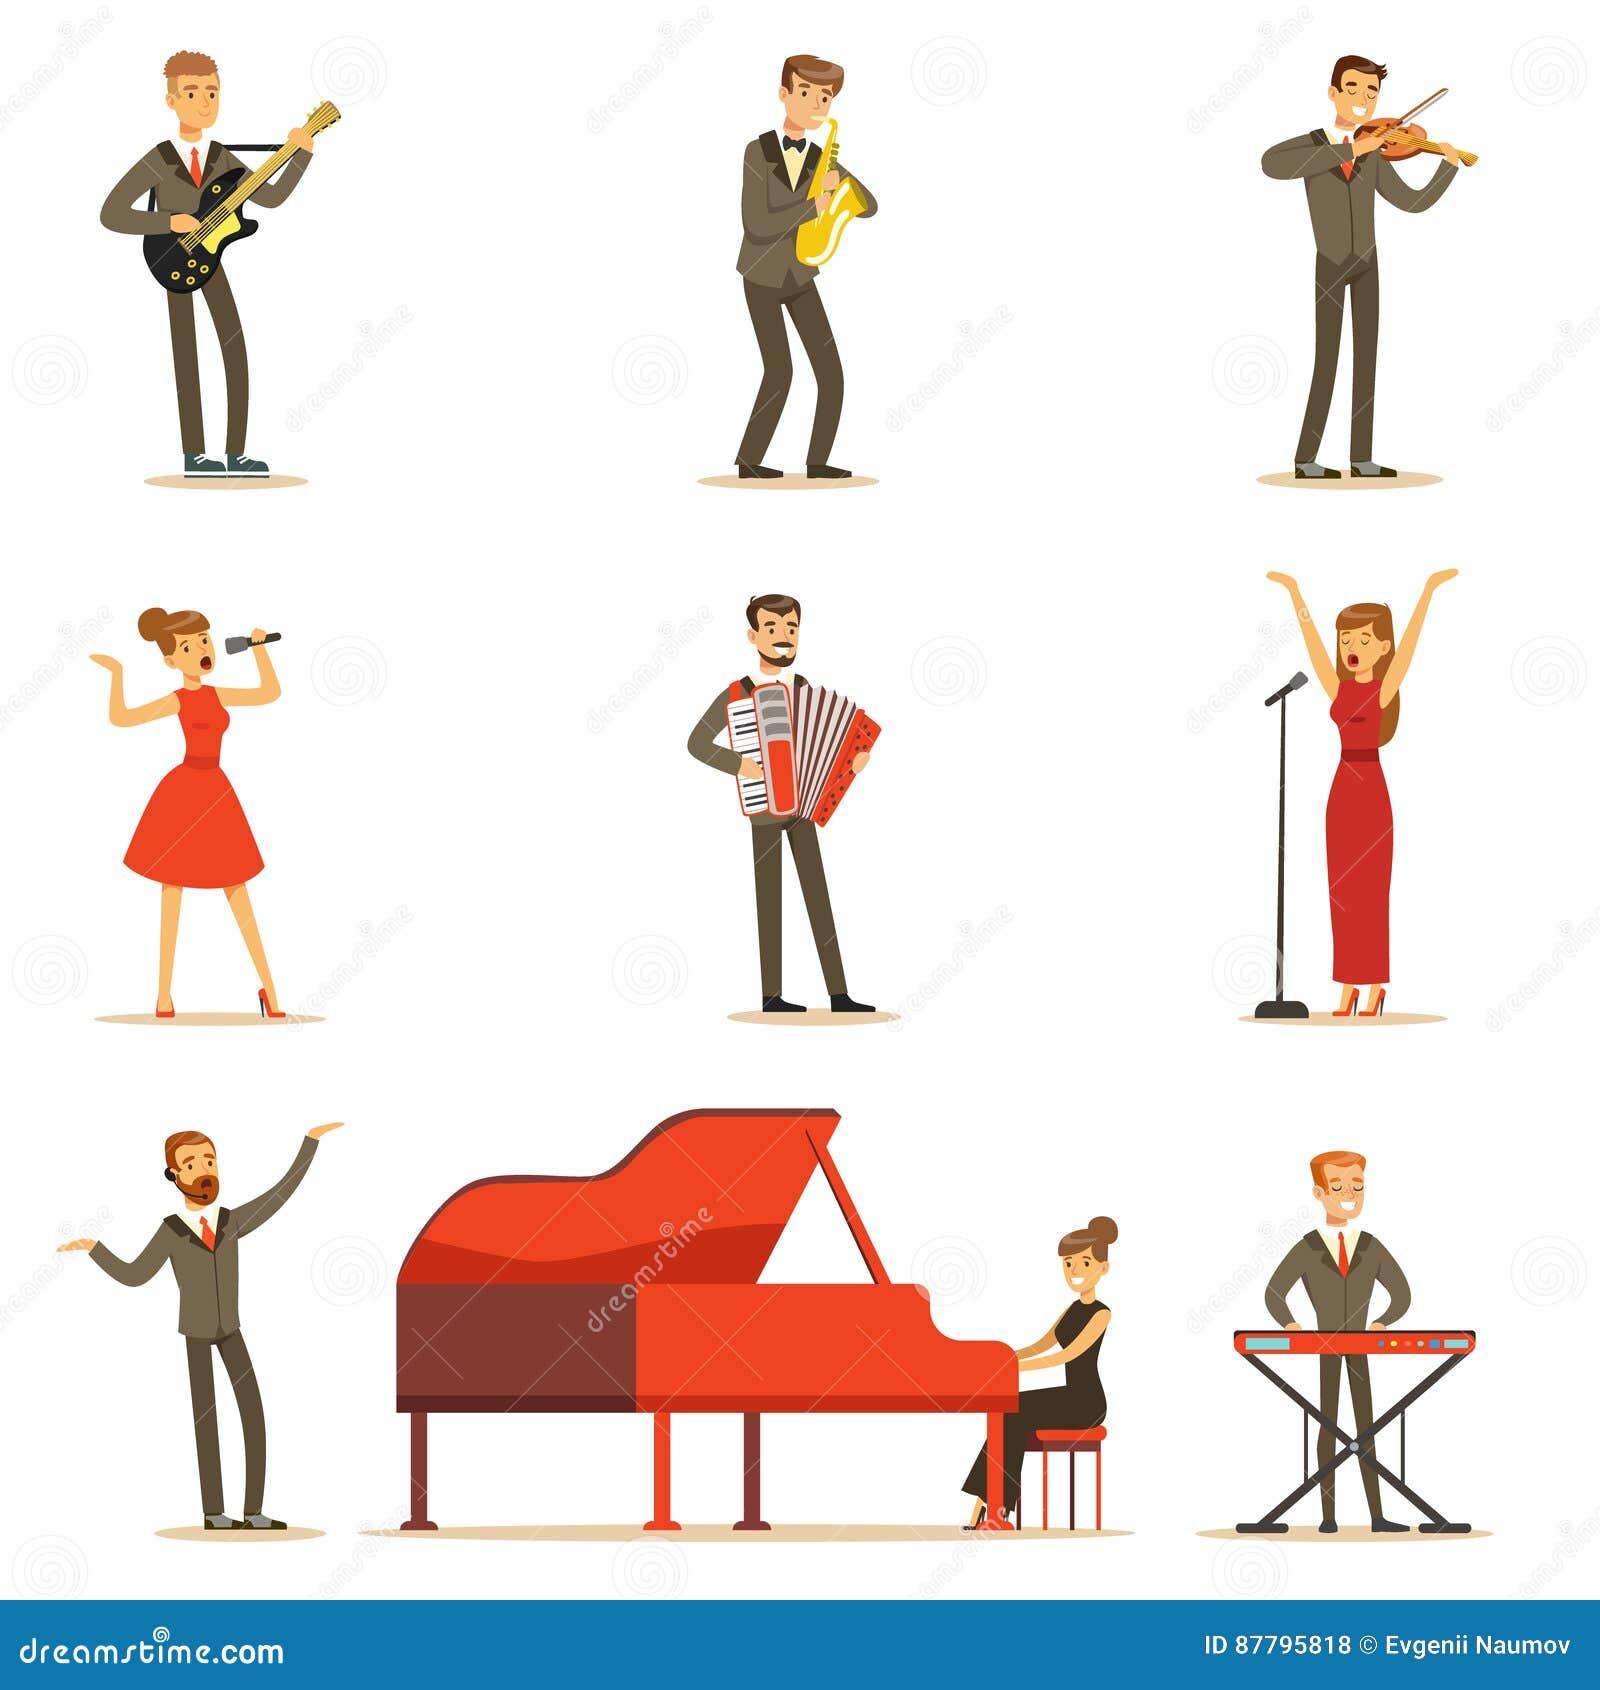 Vuxna musiker och sångare som utför ett musikaliskt nummer på etapp i musik Hall Set Of Cartoon Characters